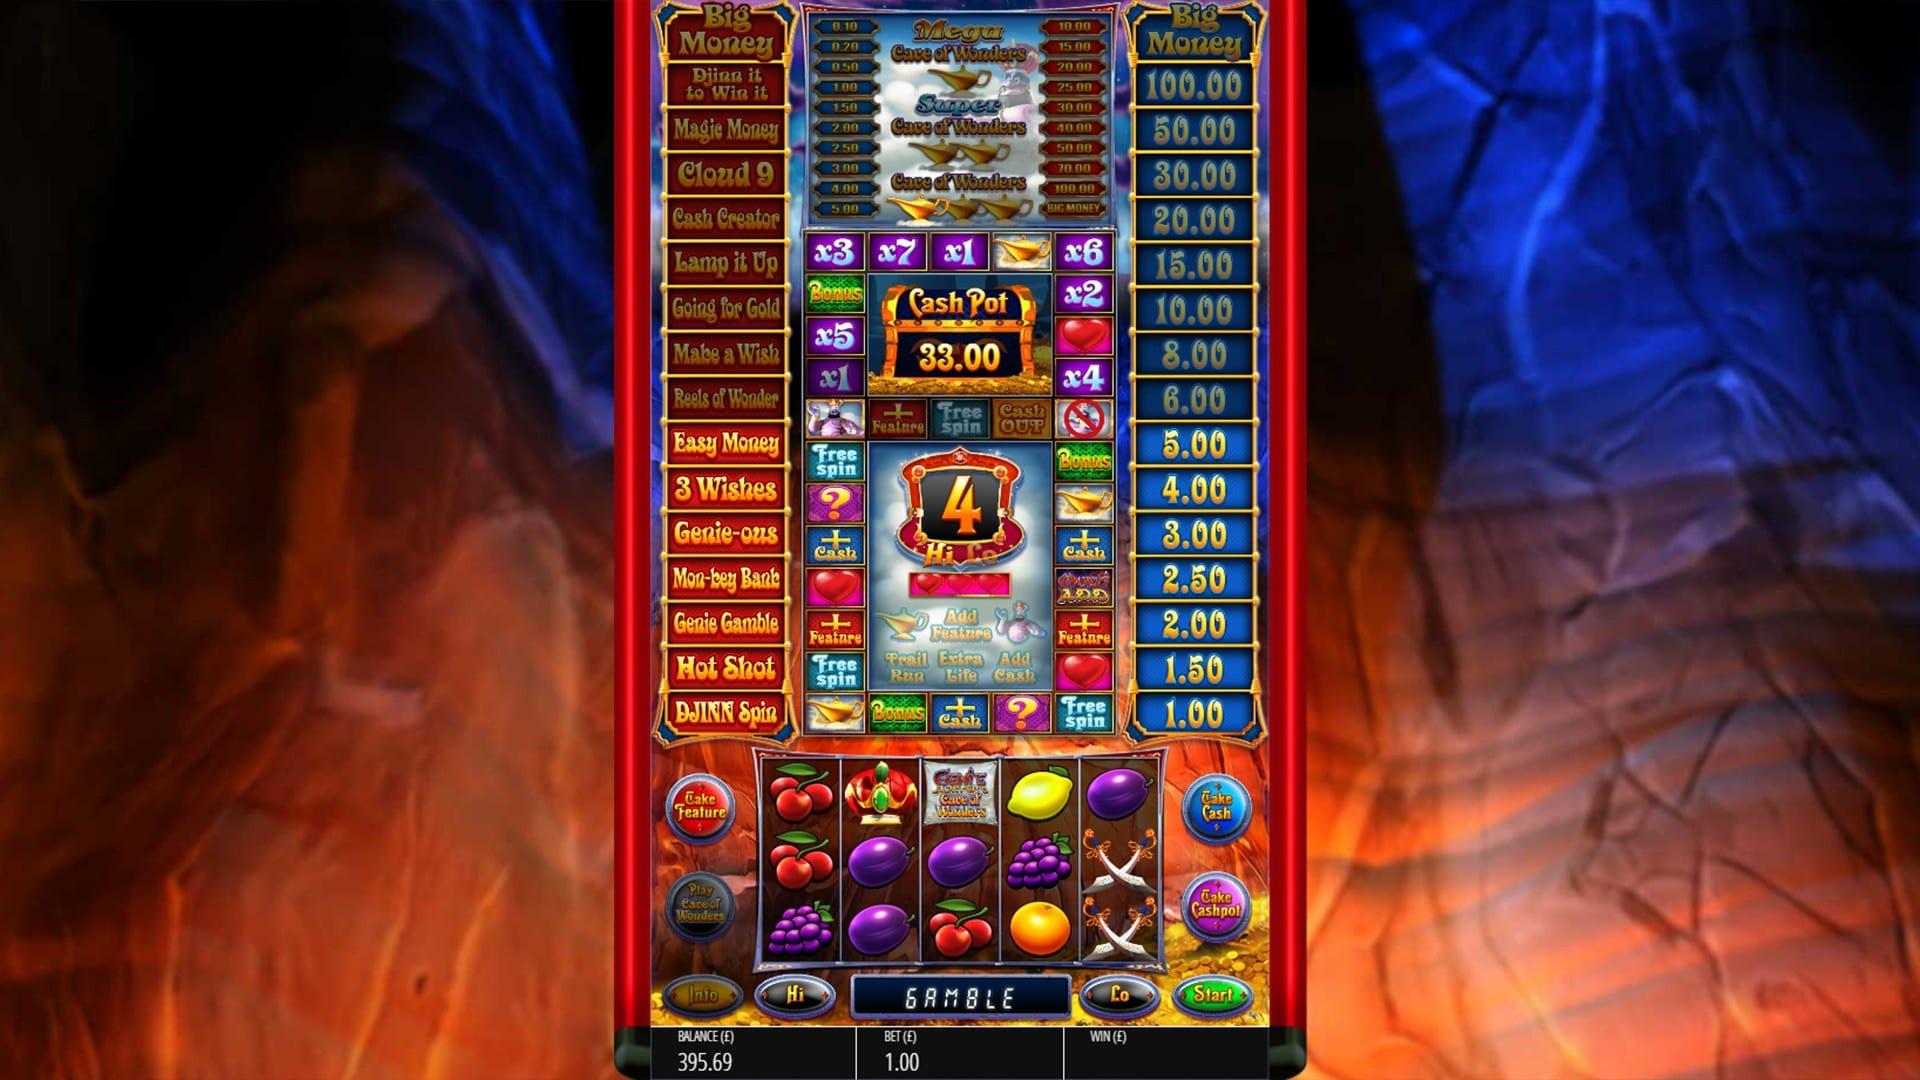 Genie Jackpots Cave of Wonders Slots